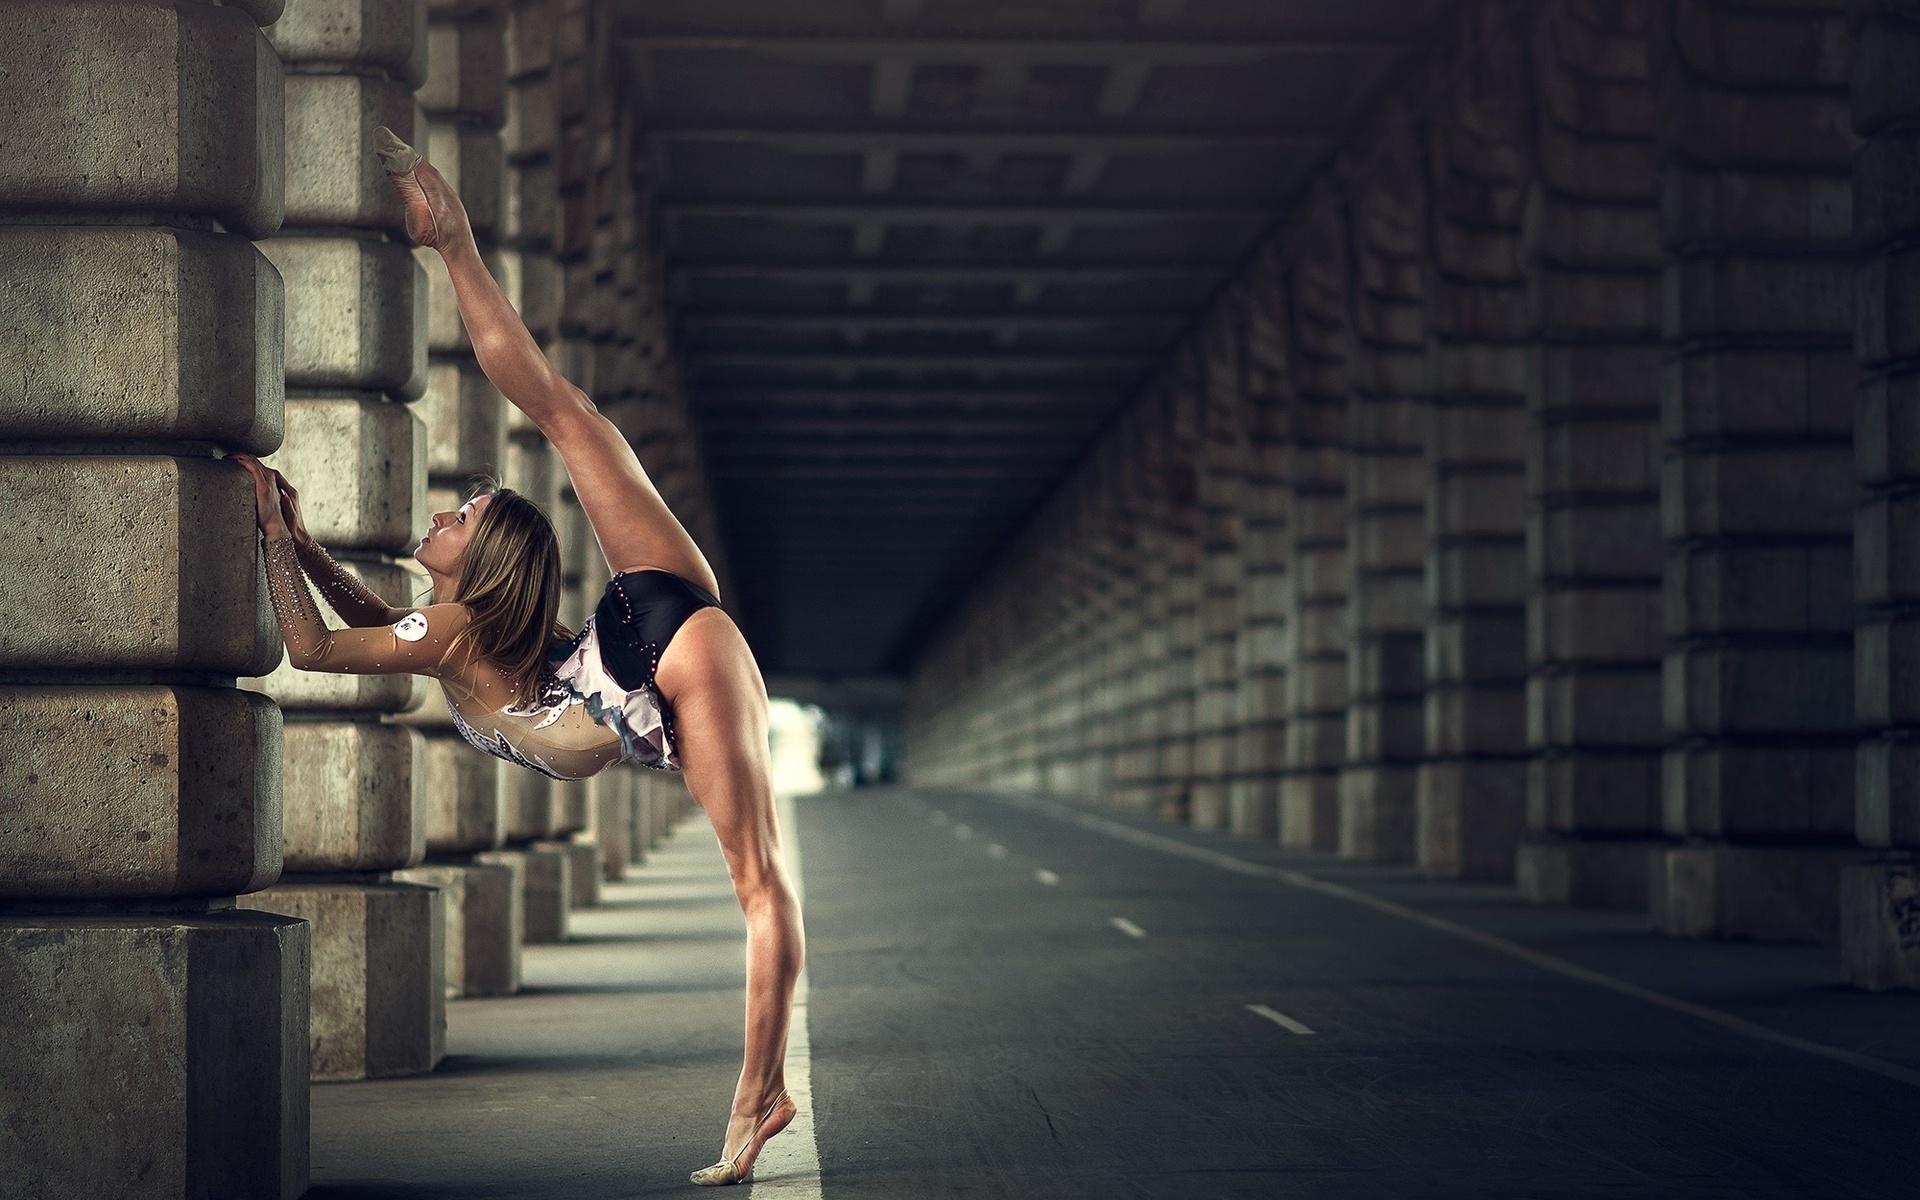 занятий красивые позы гимнасток фото острый спектакль мотивам